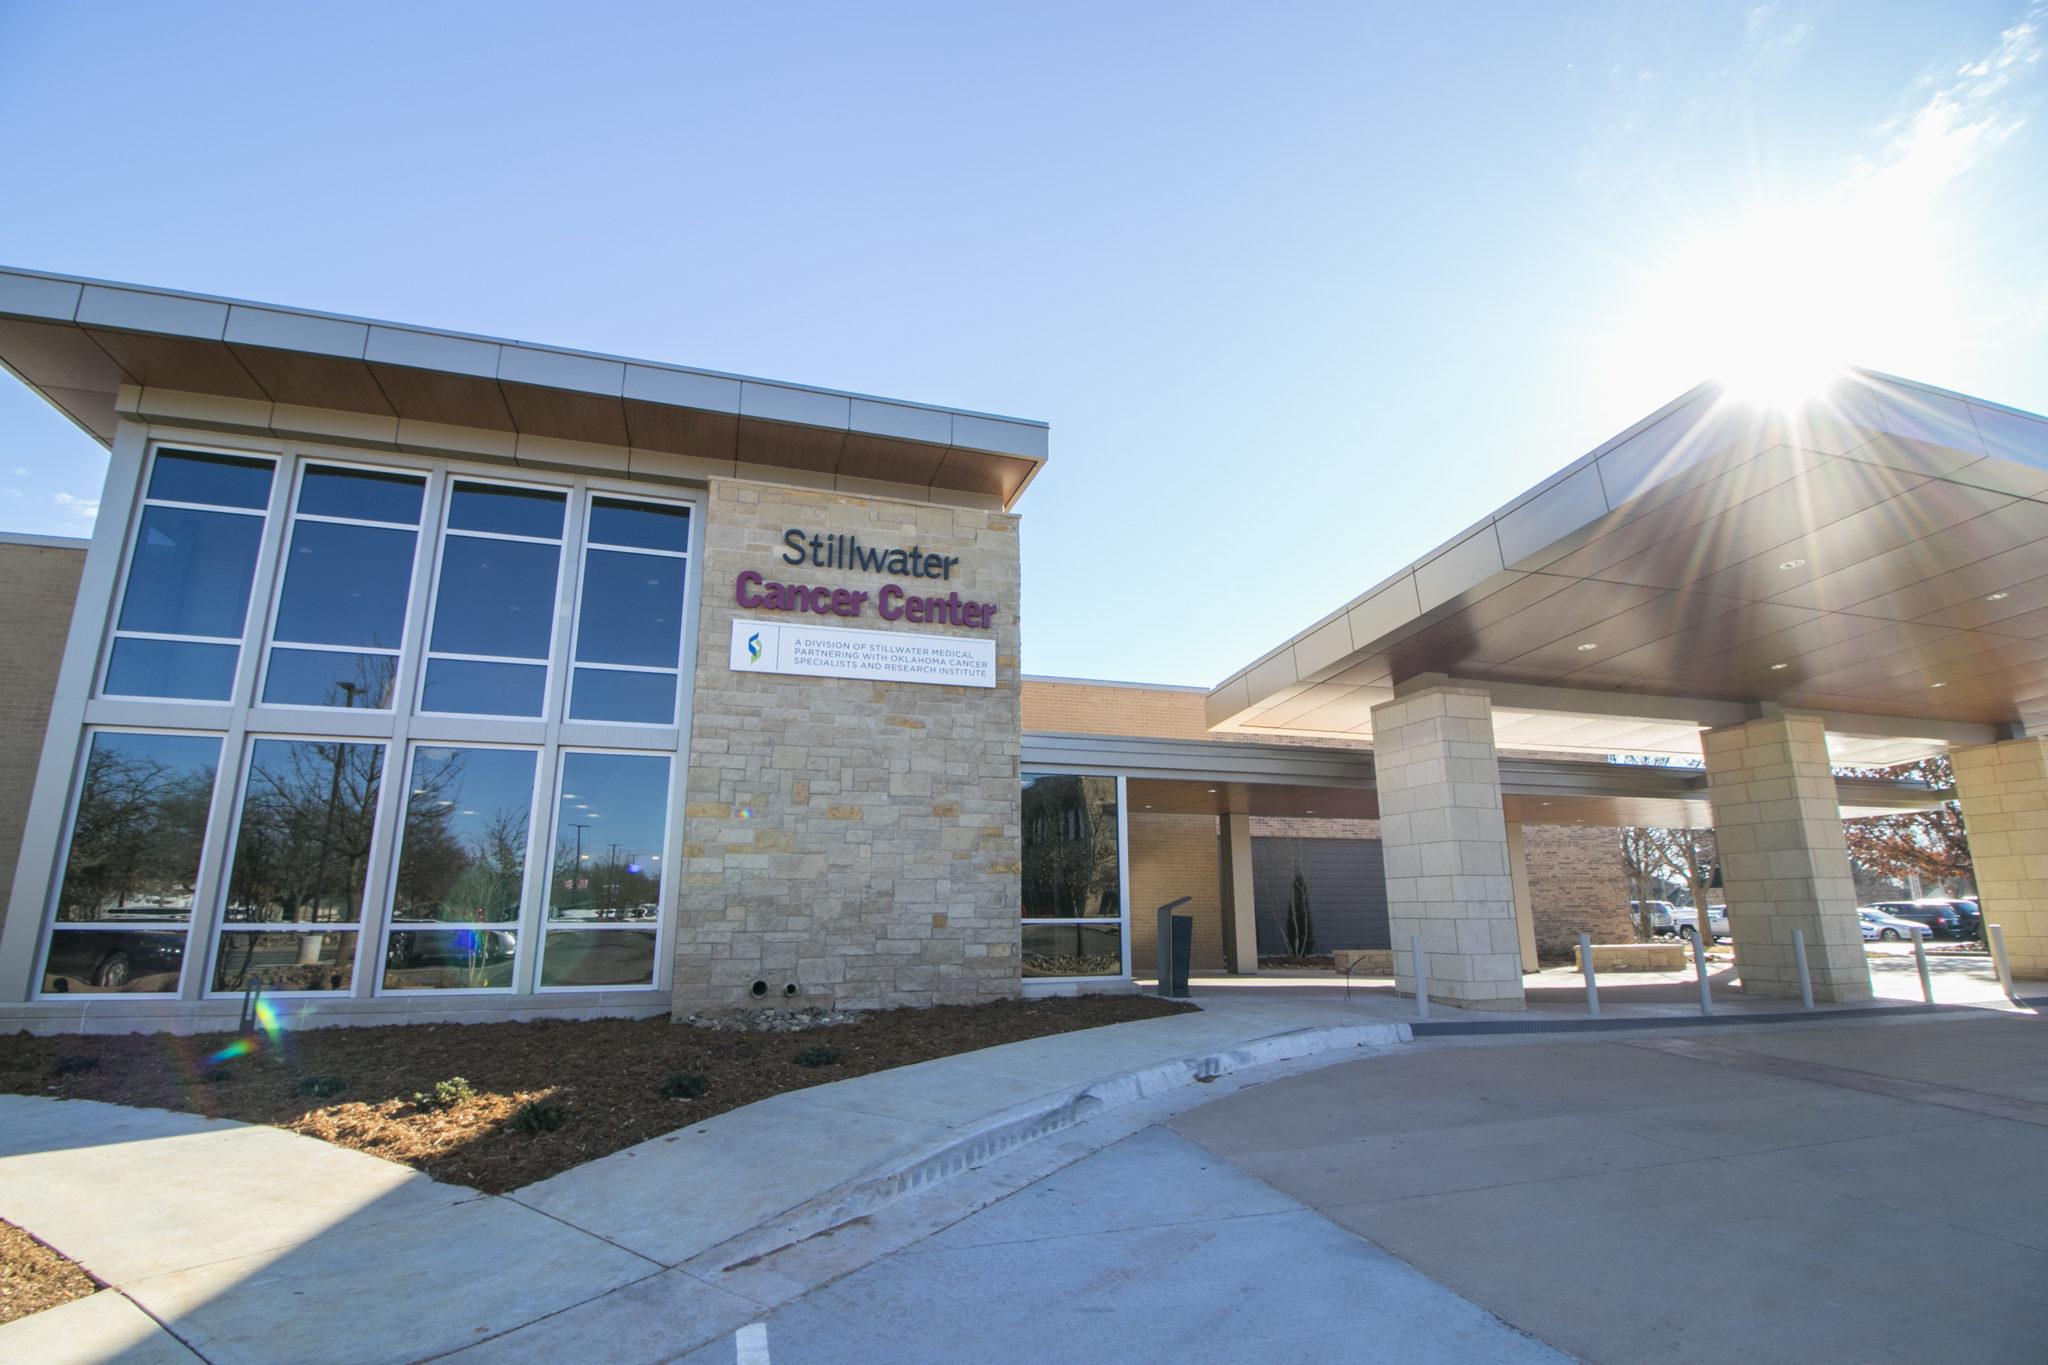 Stillwater Cancer Center